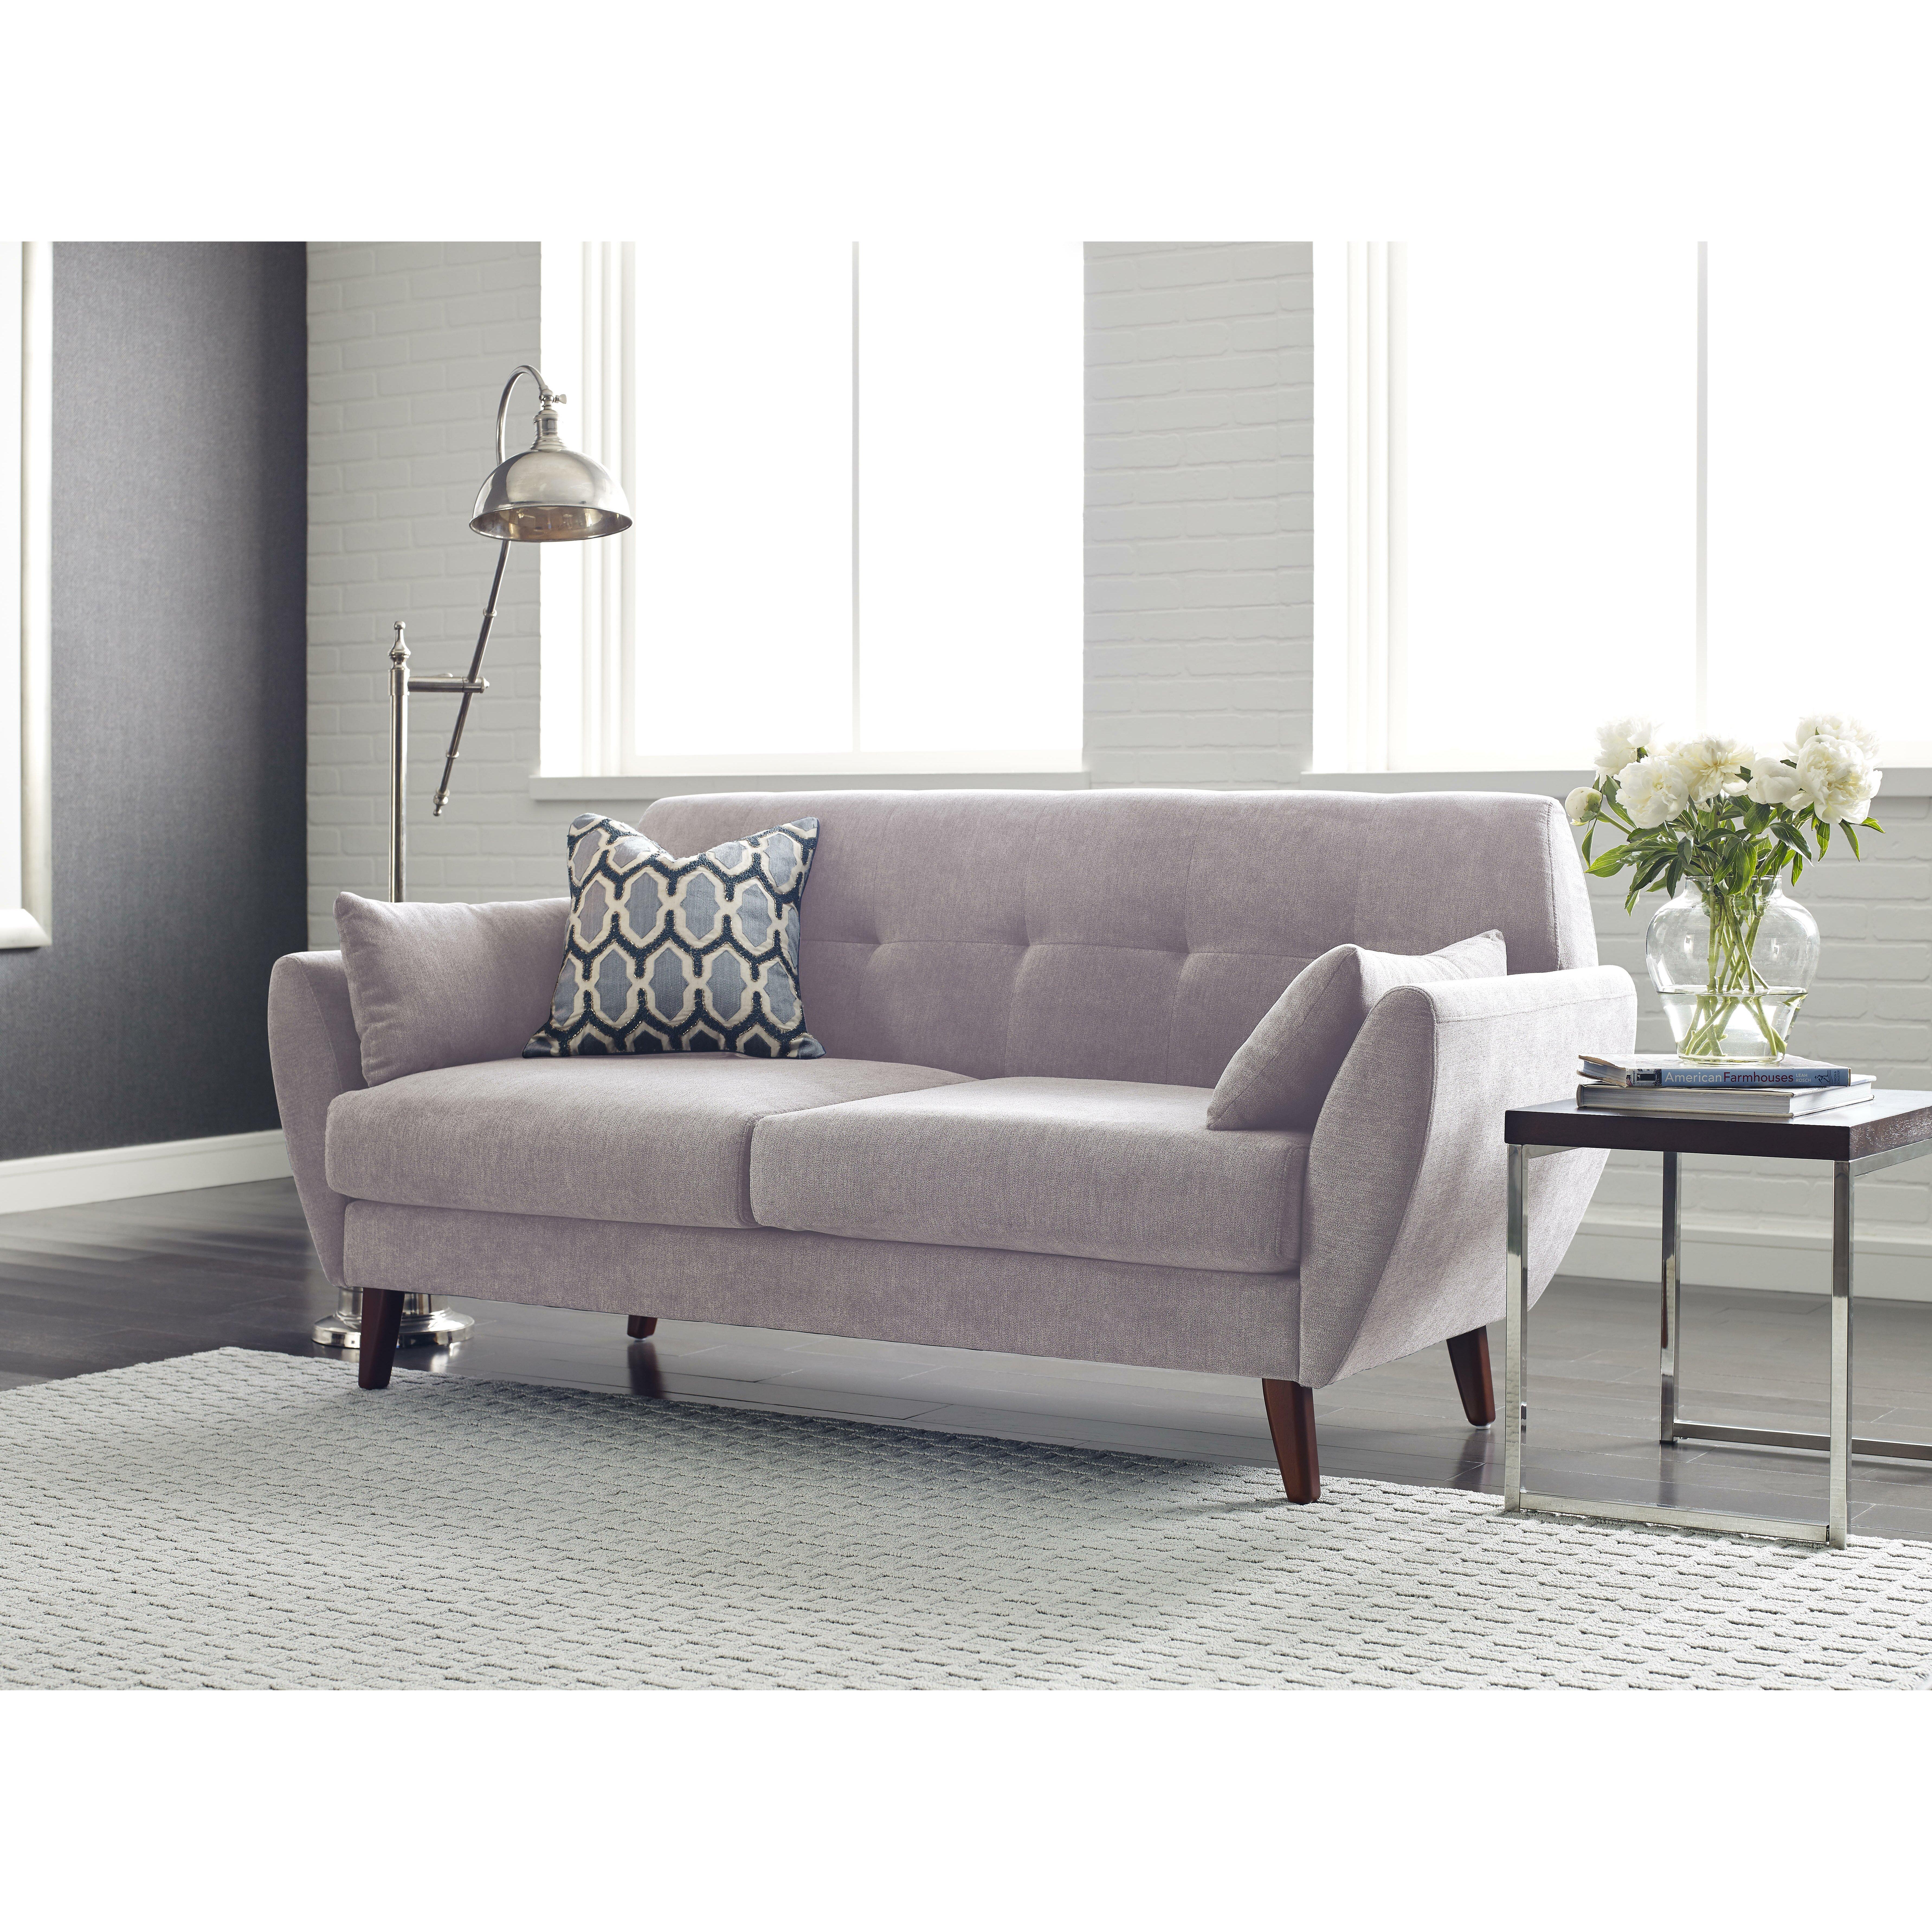 furniture living room furniture living room sets serta at home sku